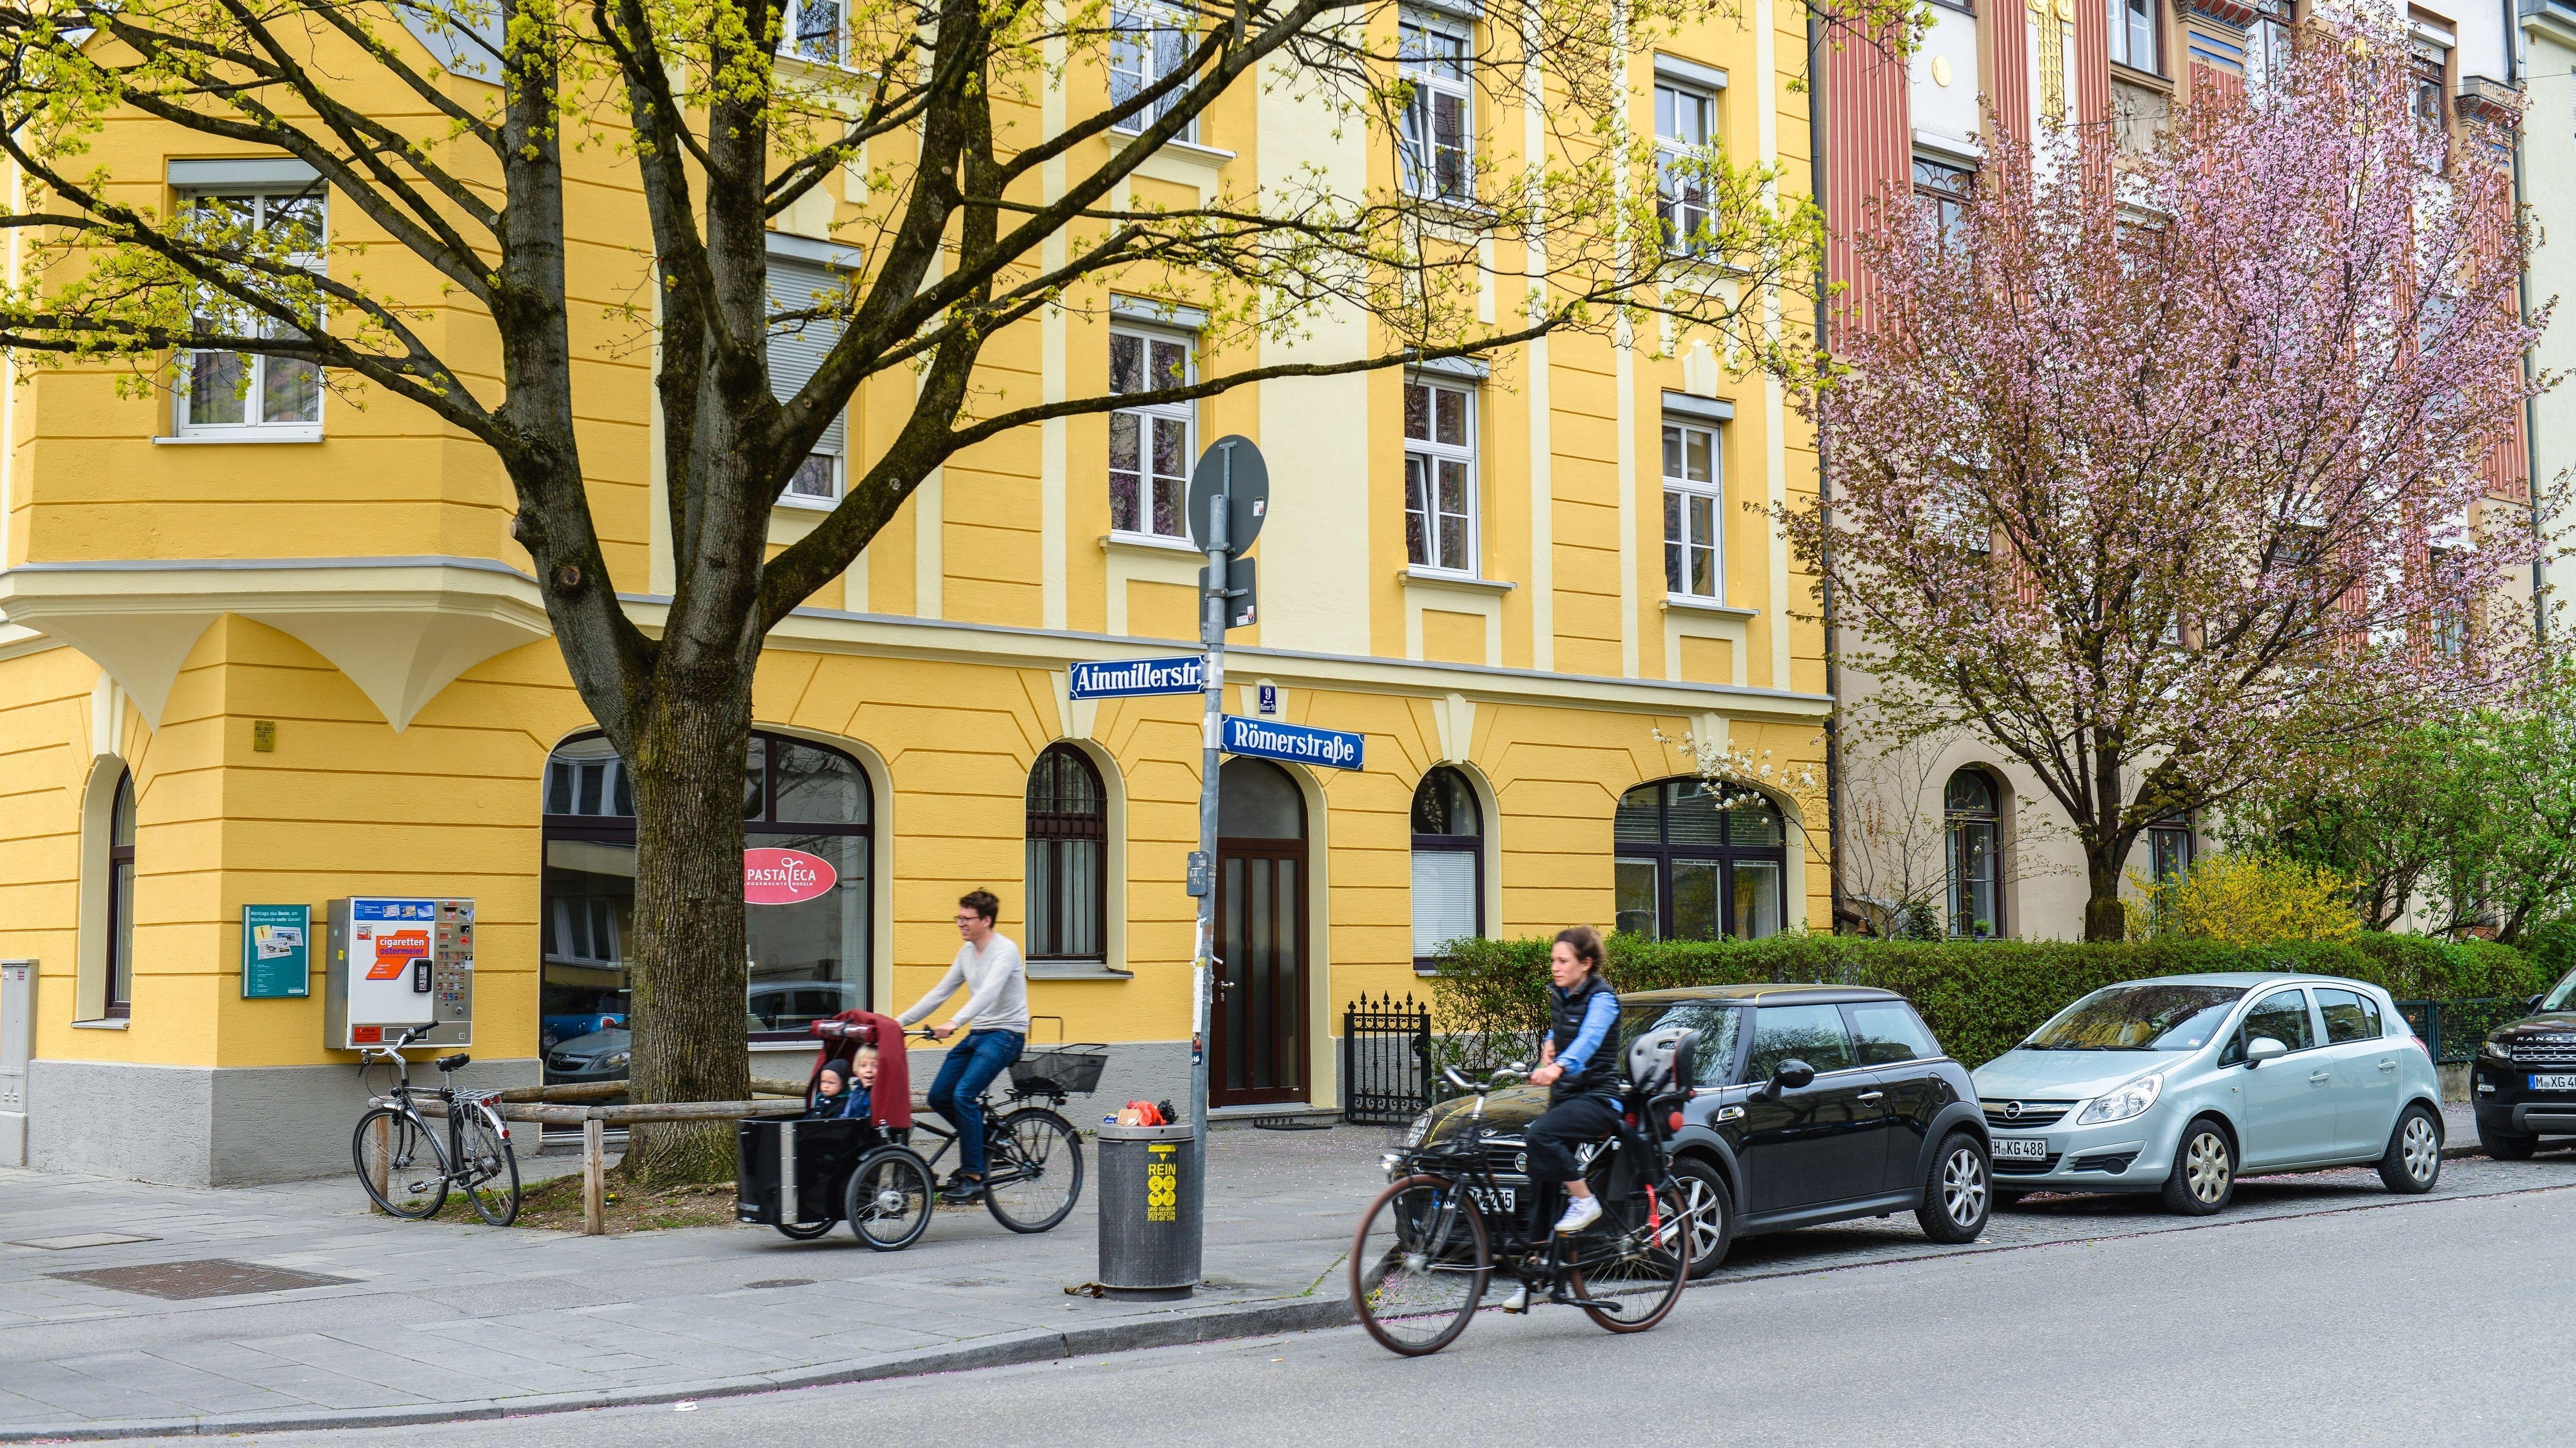 Häuserfassaden in München-Schwabing